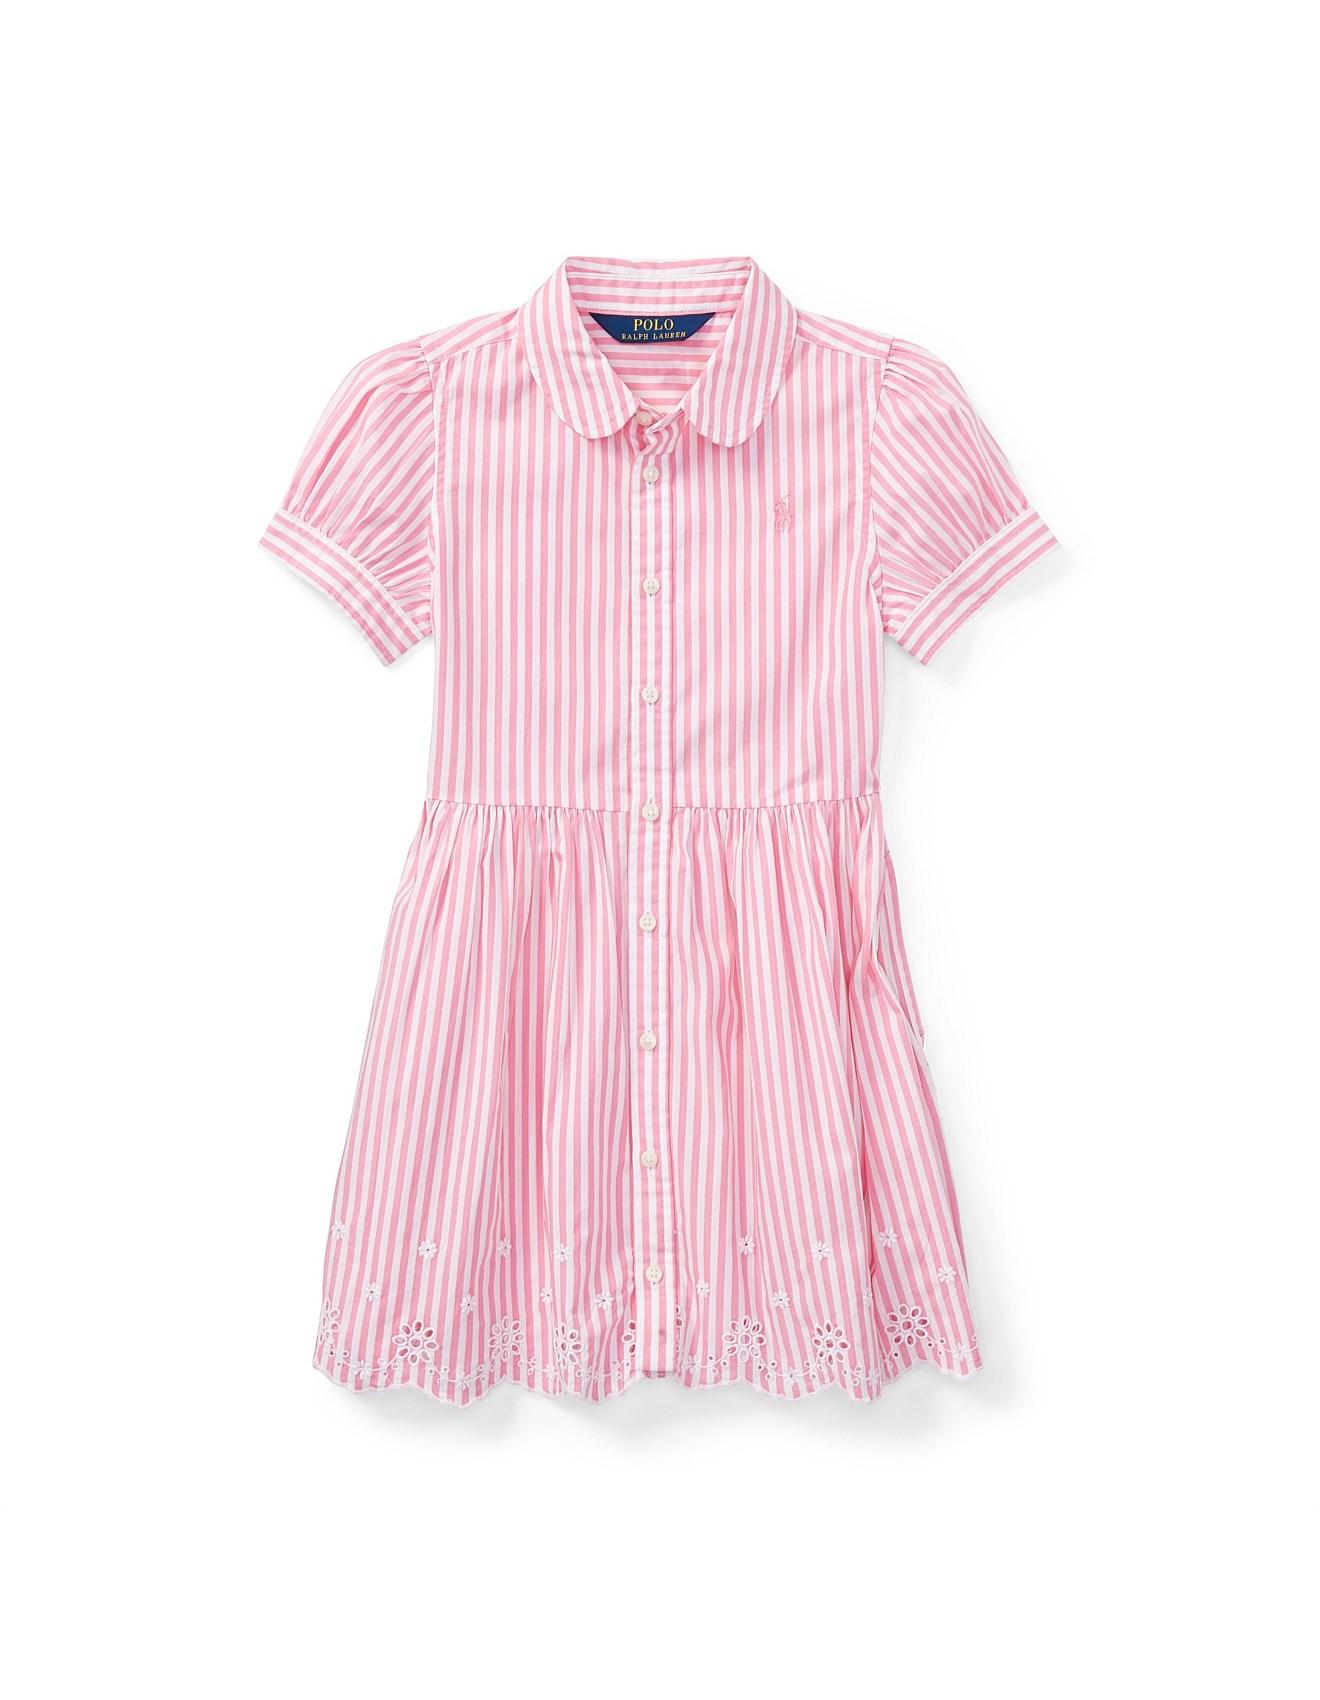 Striped 7 Shirtdress 2 Years Cotton BeWdCrQxo